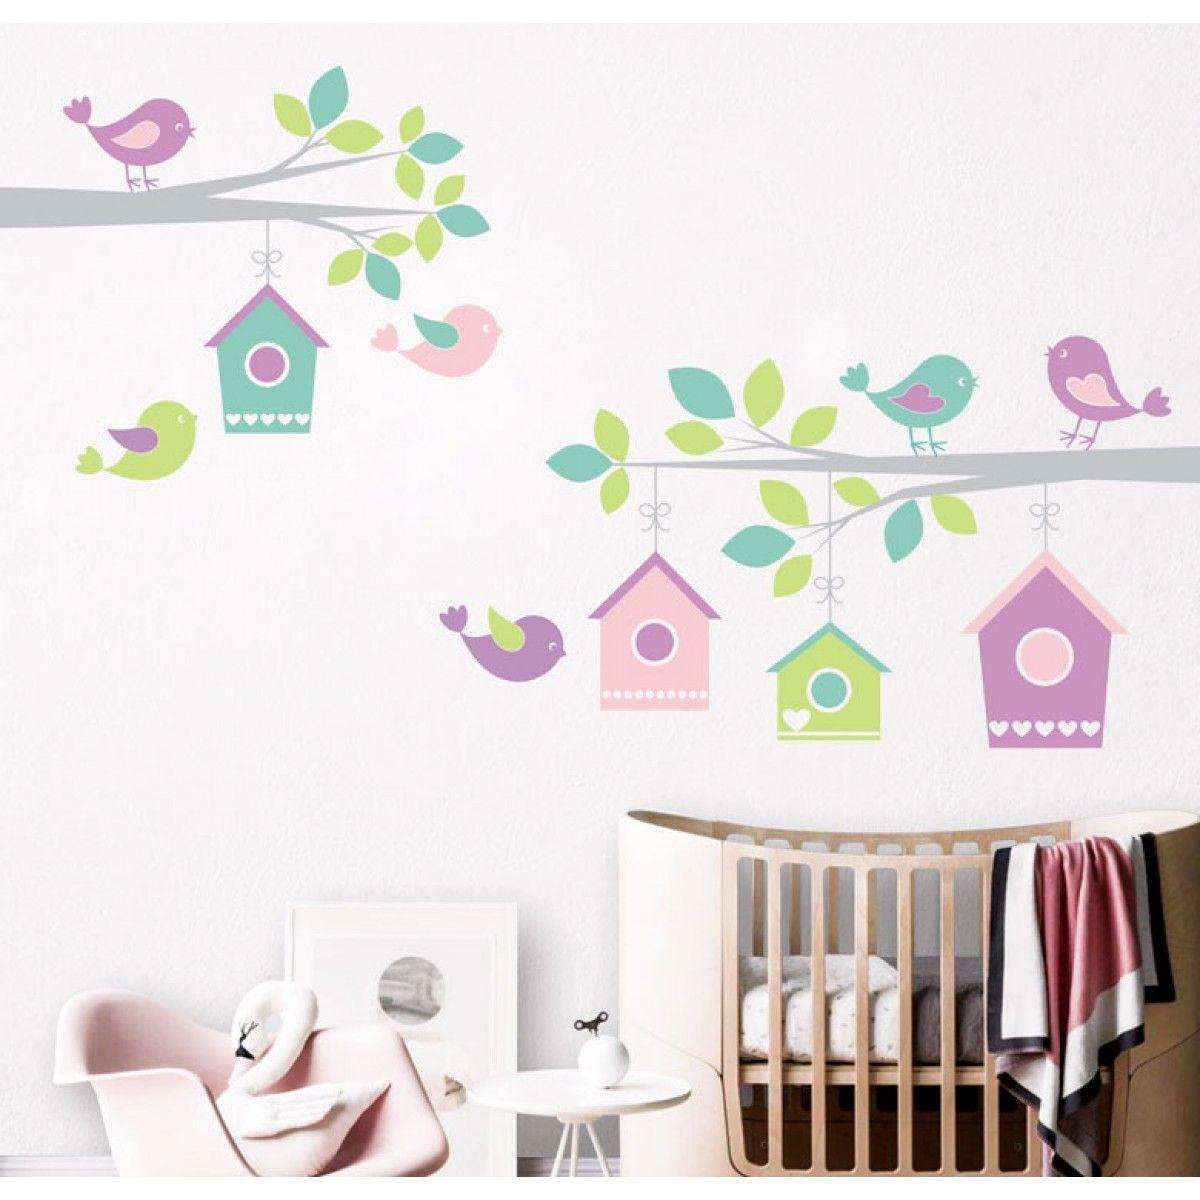 vinilo-habitacion-bebe-ramas-pajaros-casa | Olga | Pinterest ...